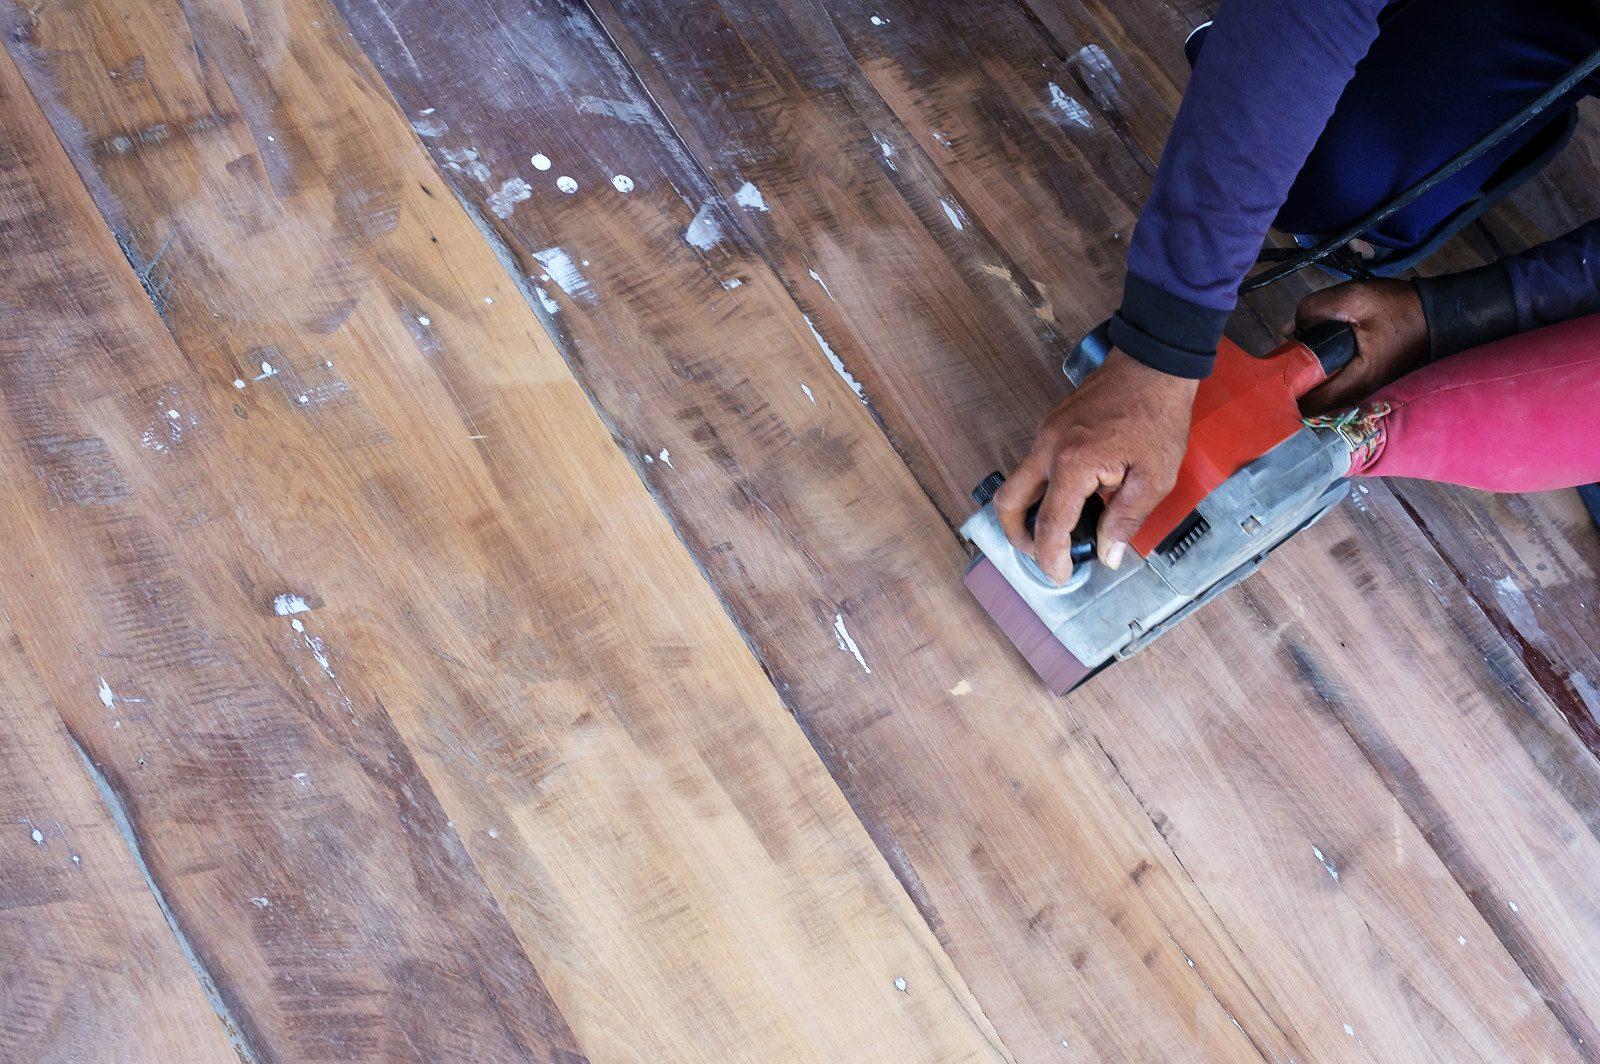 How To Bleach Hardwood Floors